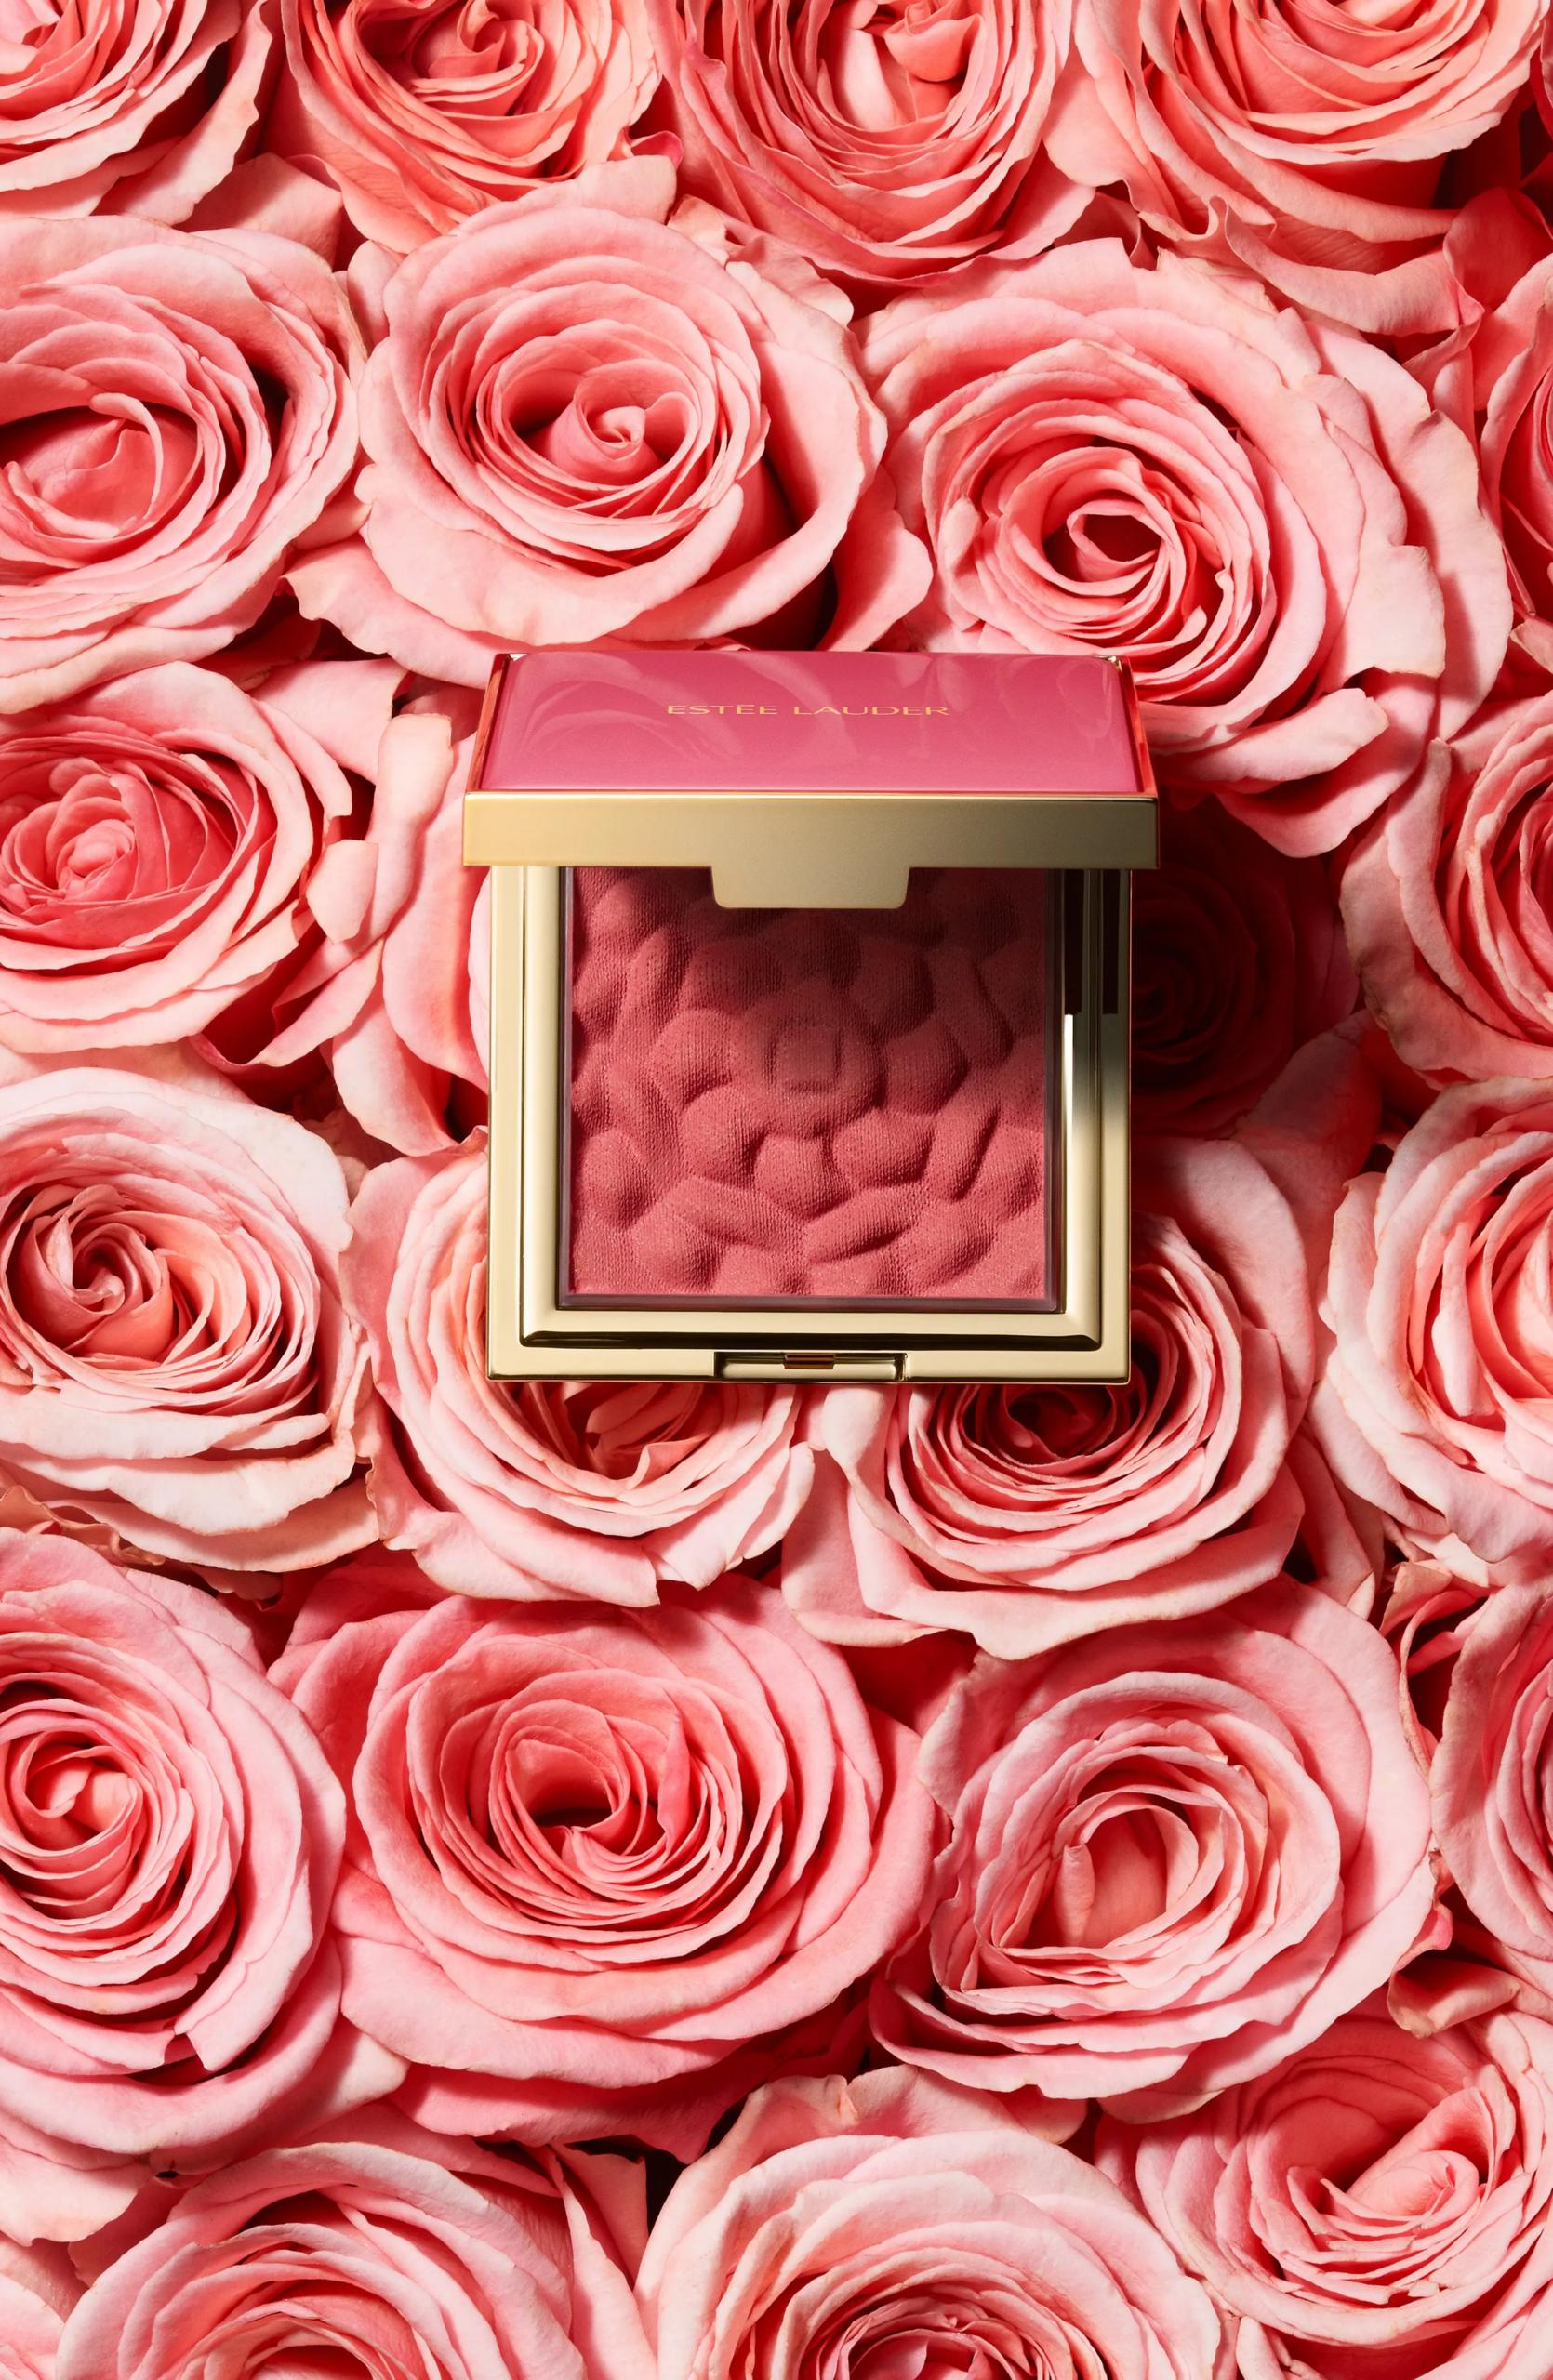 Estee Lauder Rebellious Rose Pure Color Envy Blush